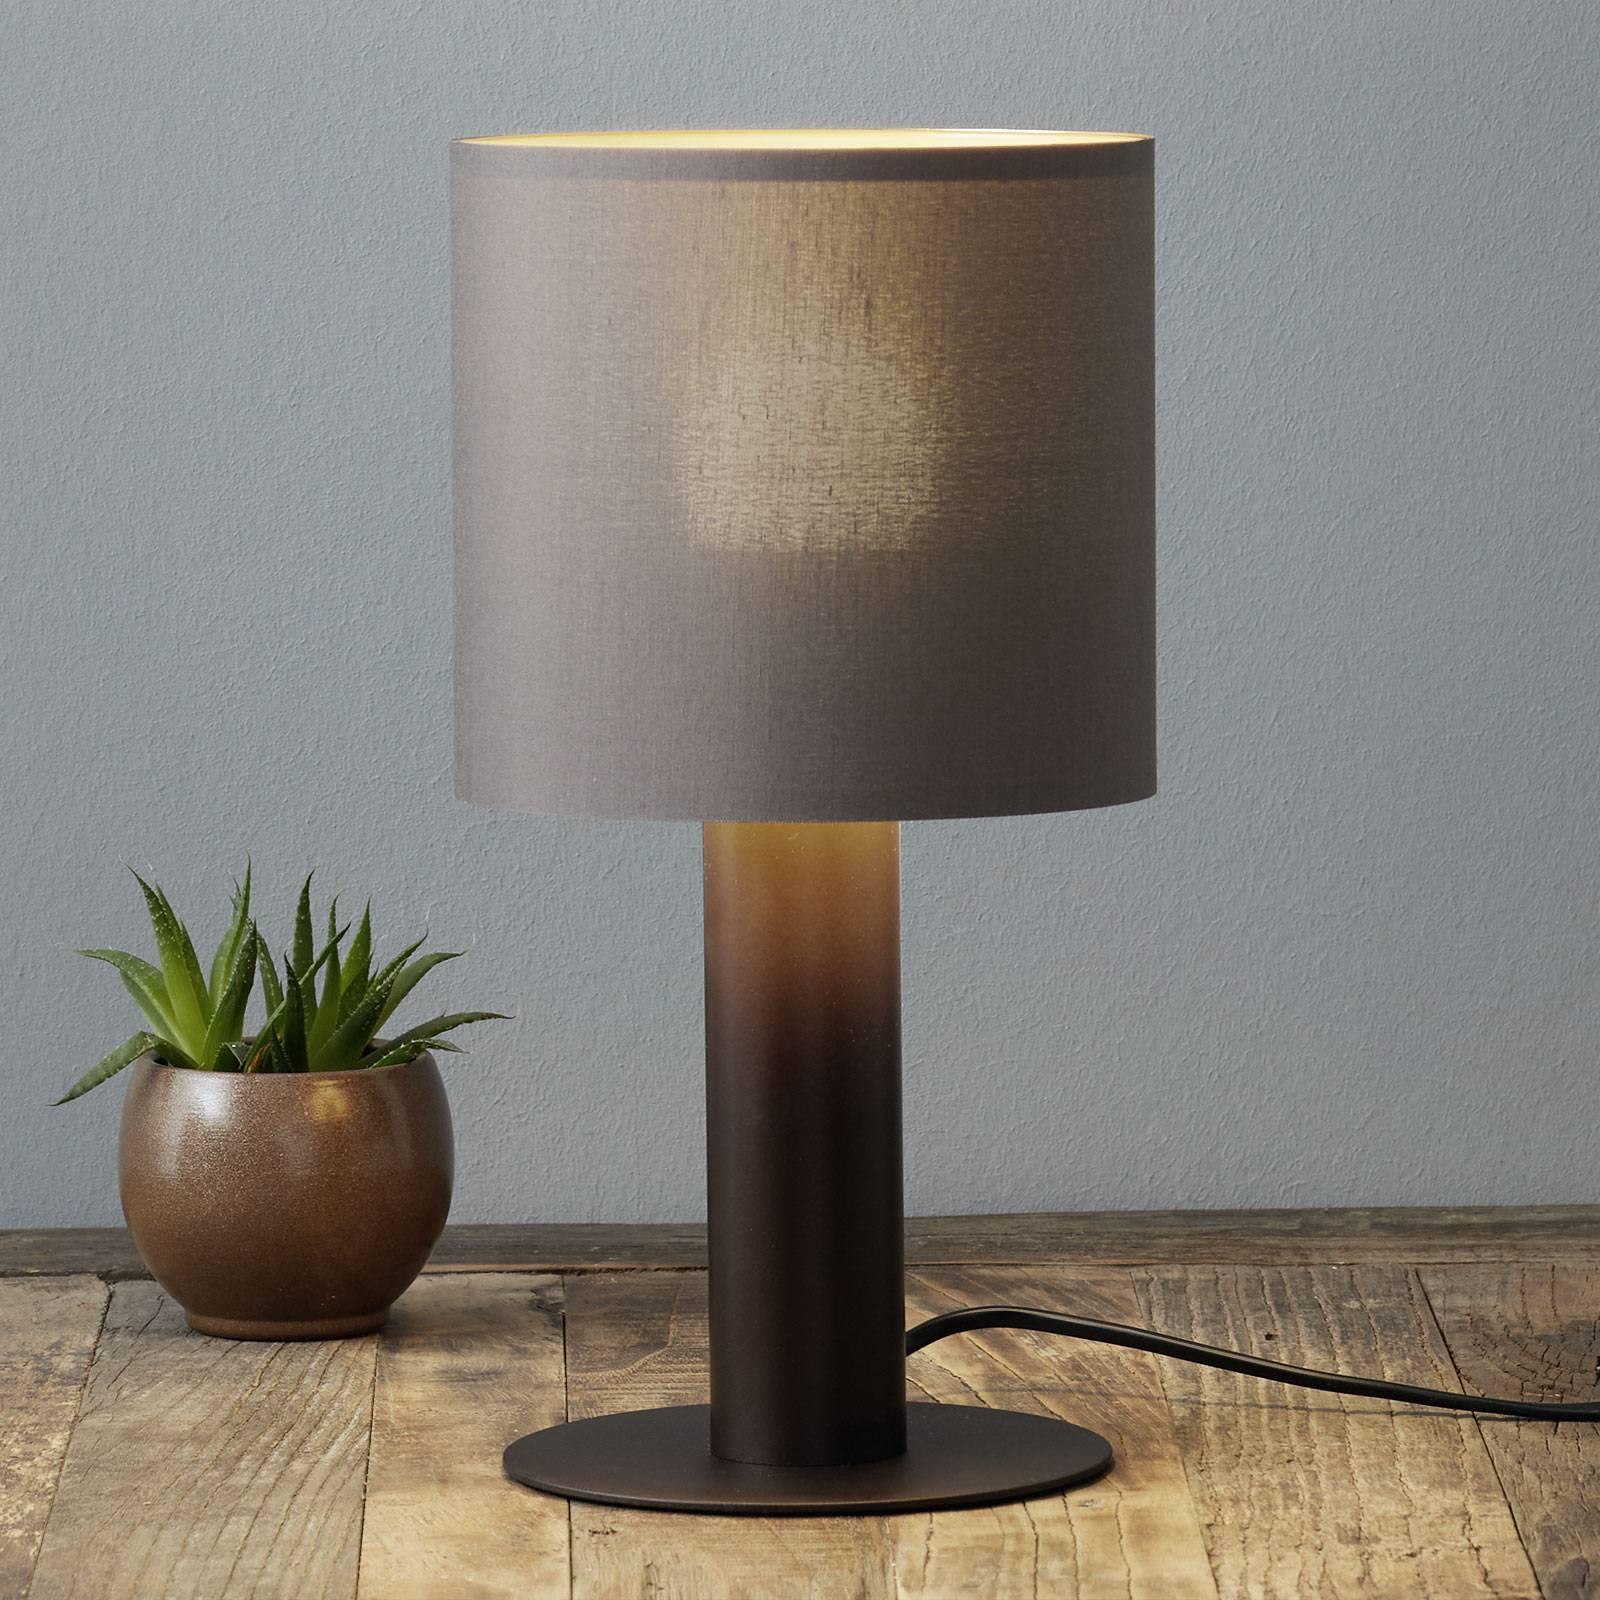 Tafellamp Concessa cappuccino/goud